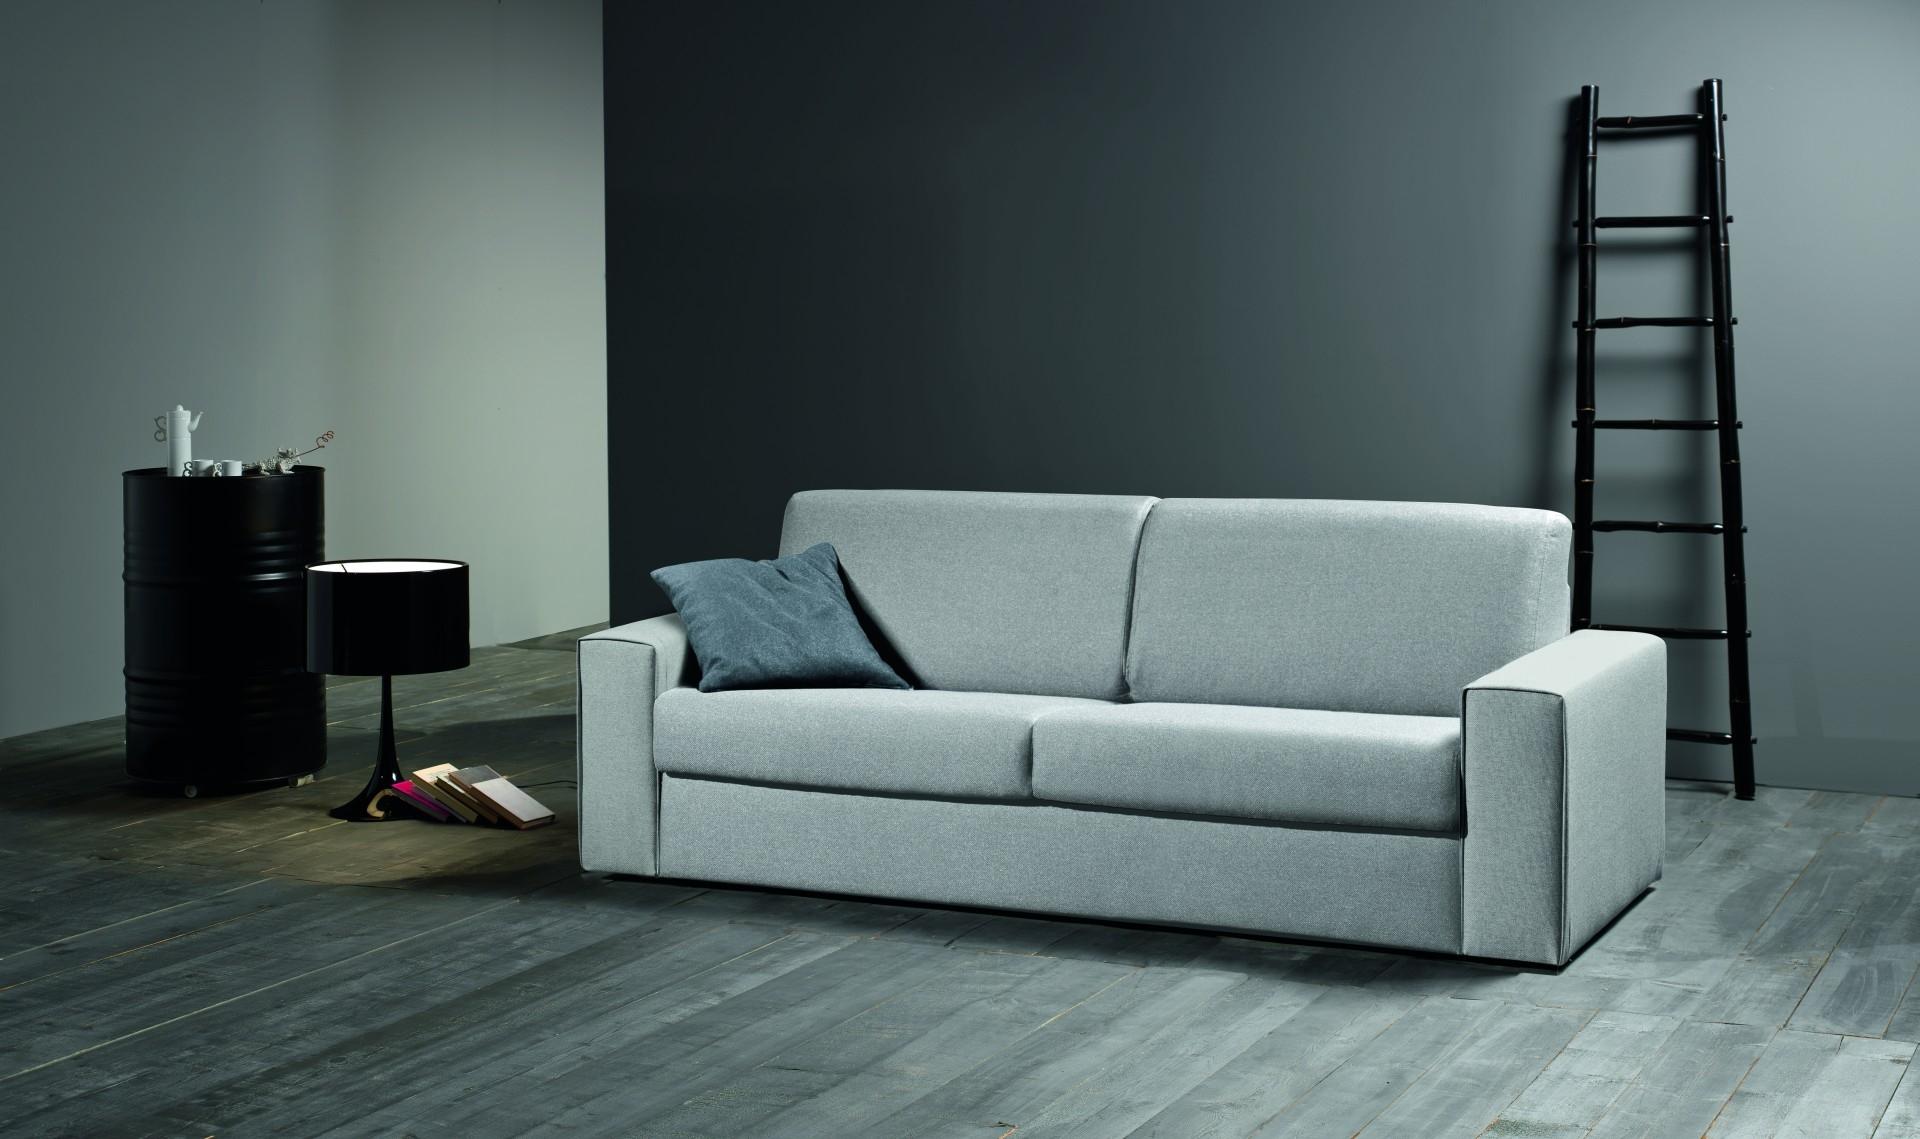 Divano exc coc divano letto divani a prezzi scontati - Divano letto prezzi ...